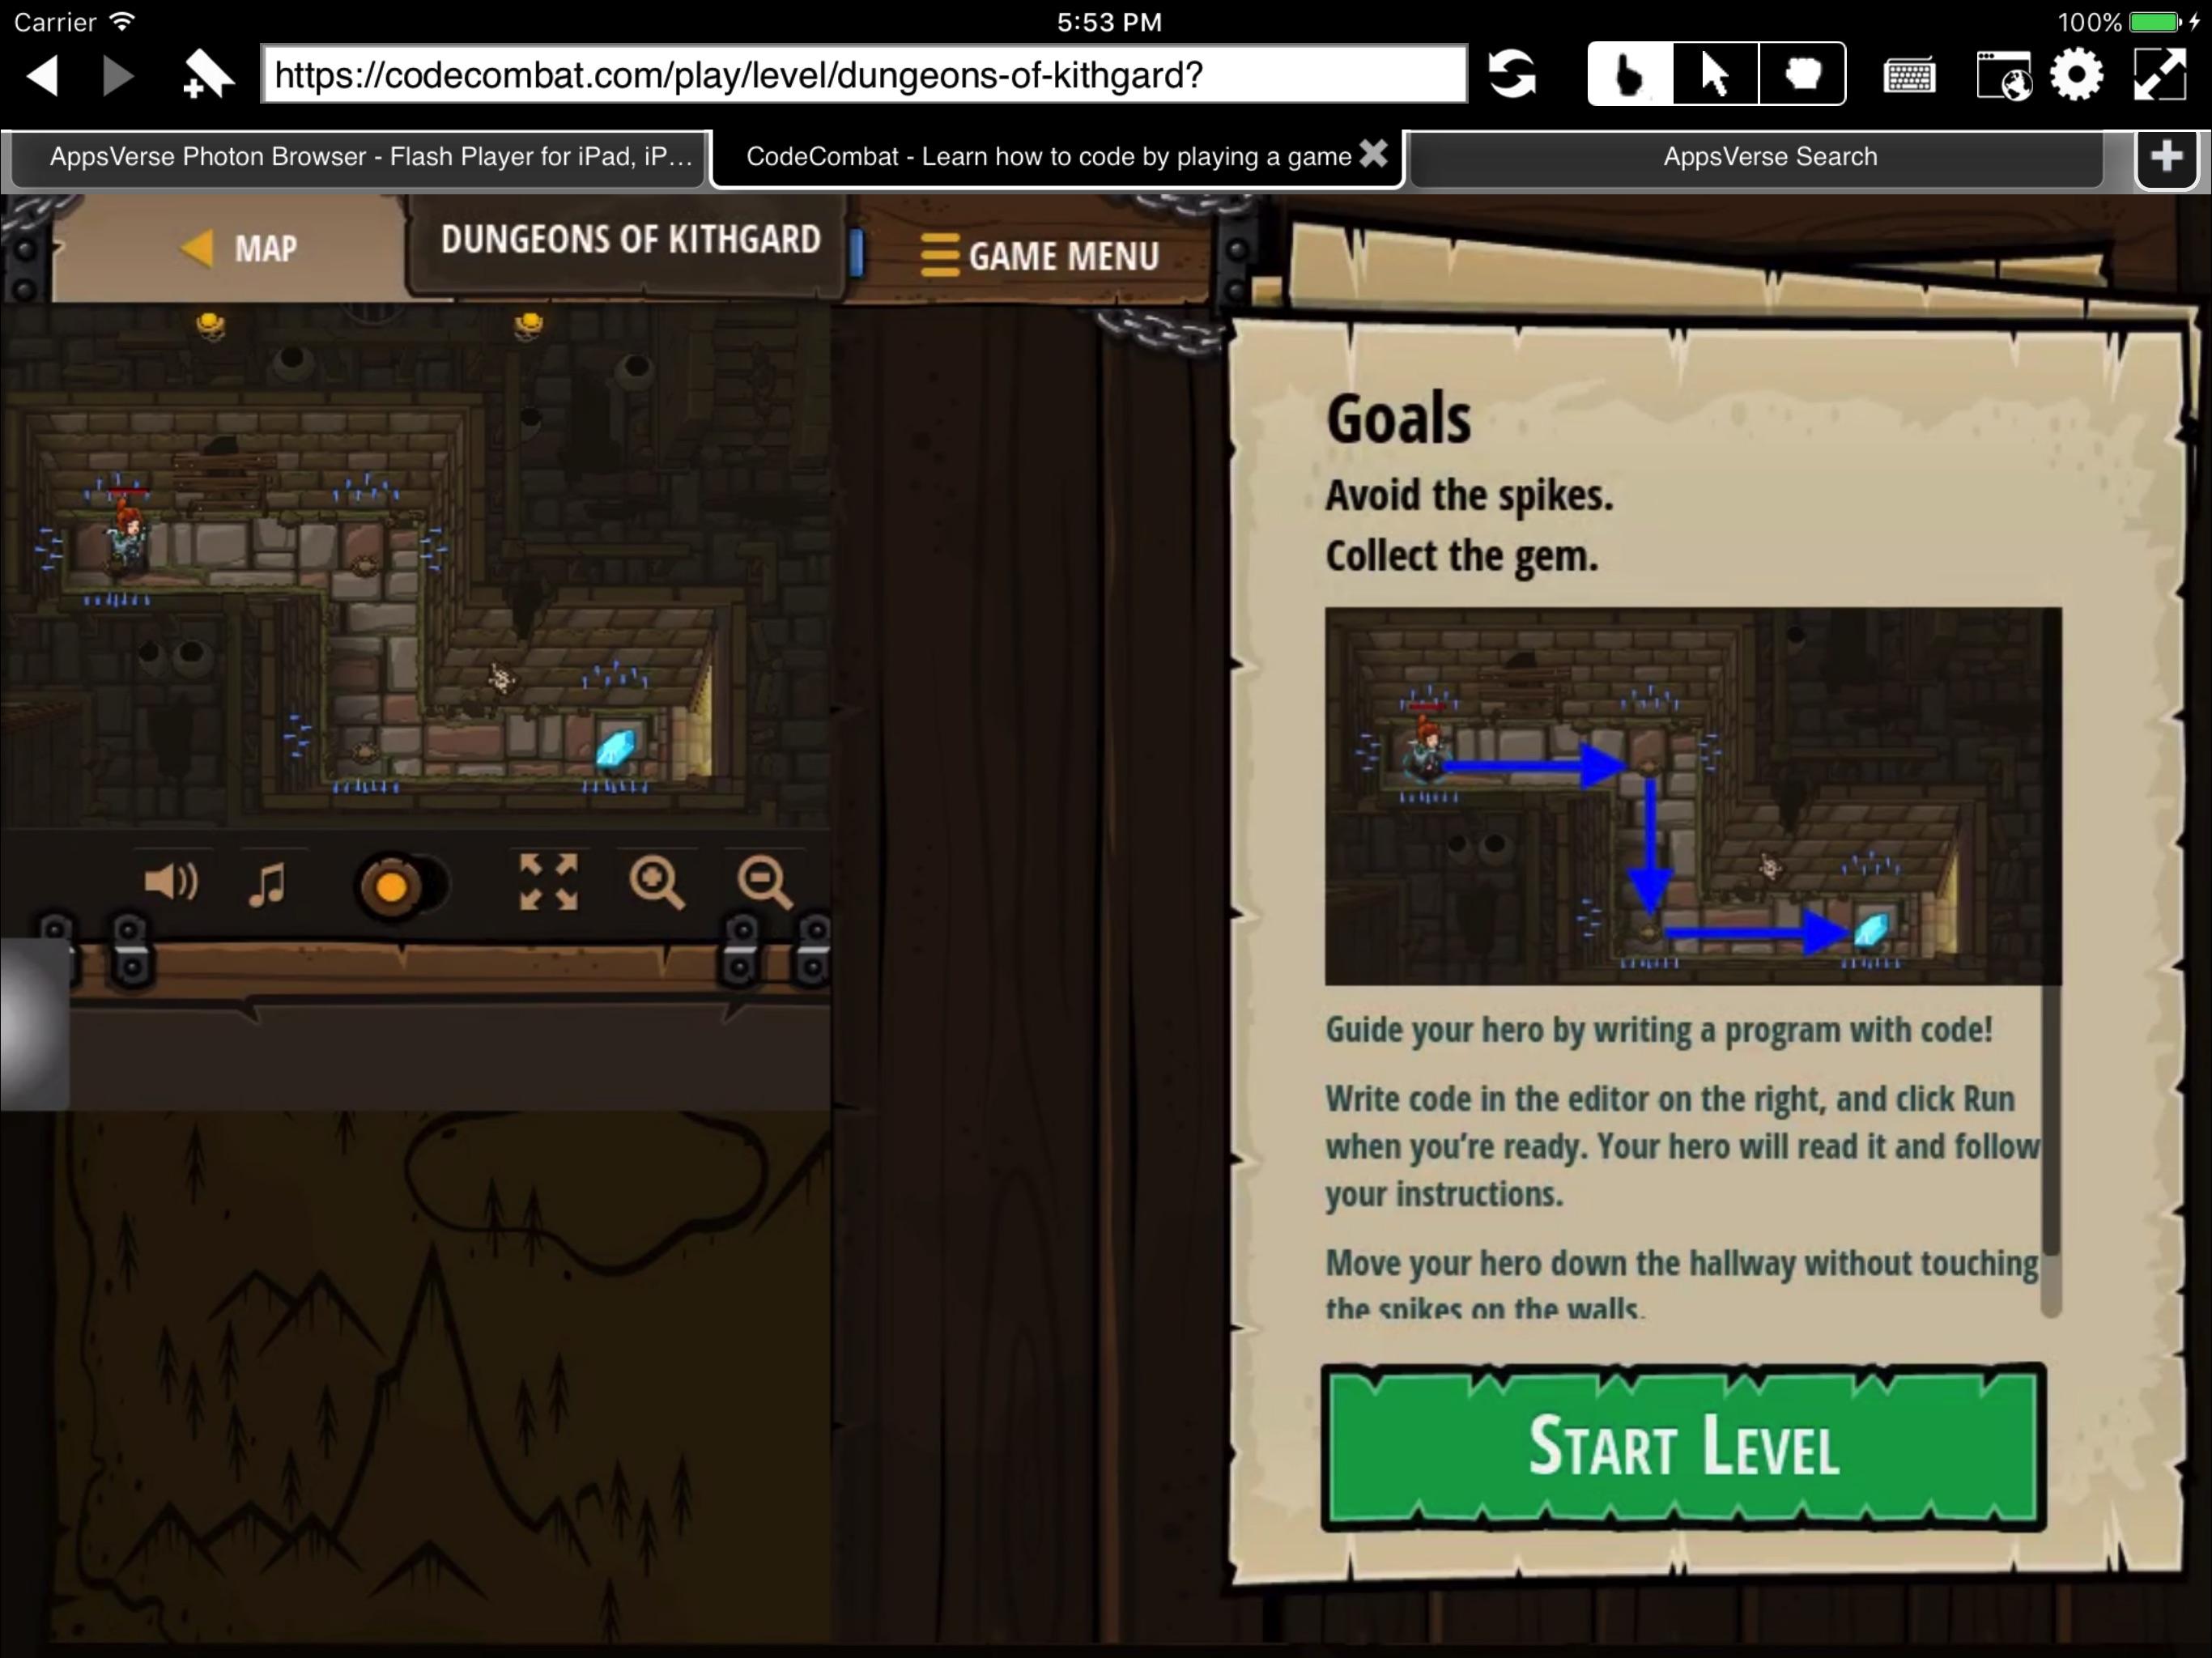 Flash Player + navegador web para iPad por Photon Screenshot